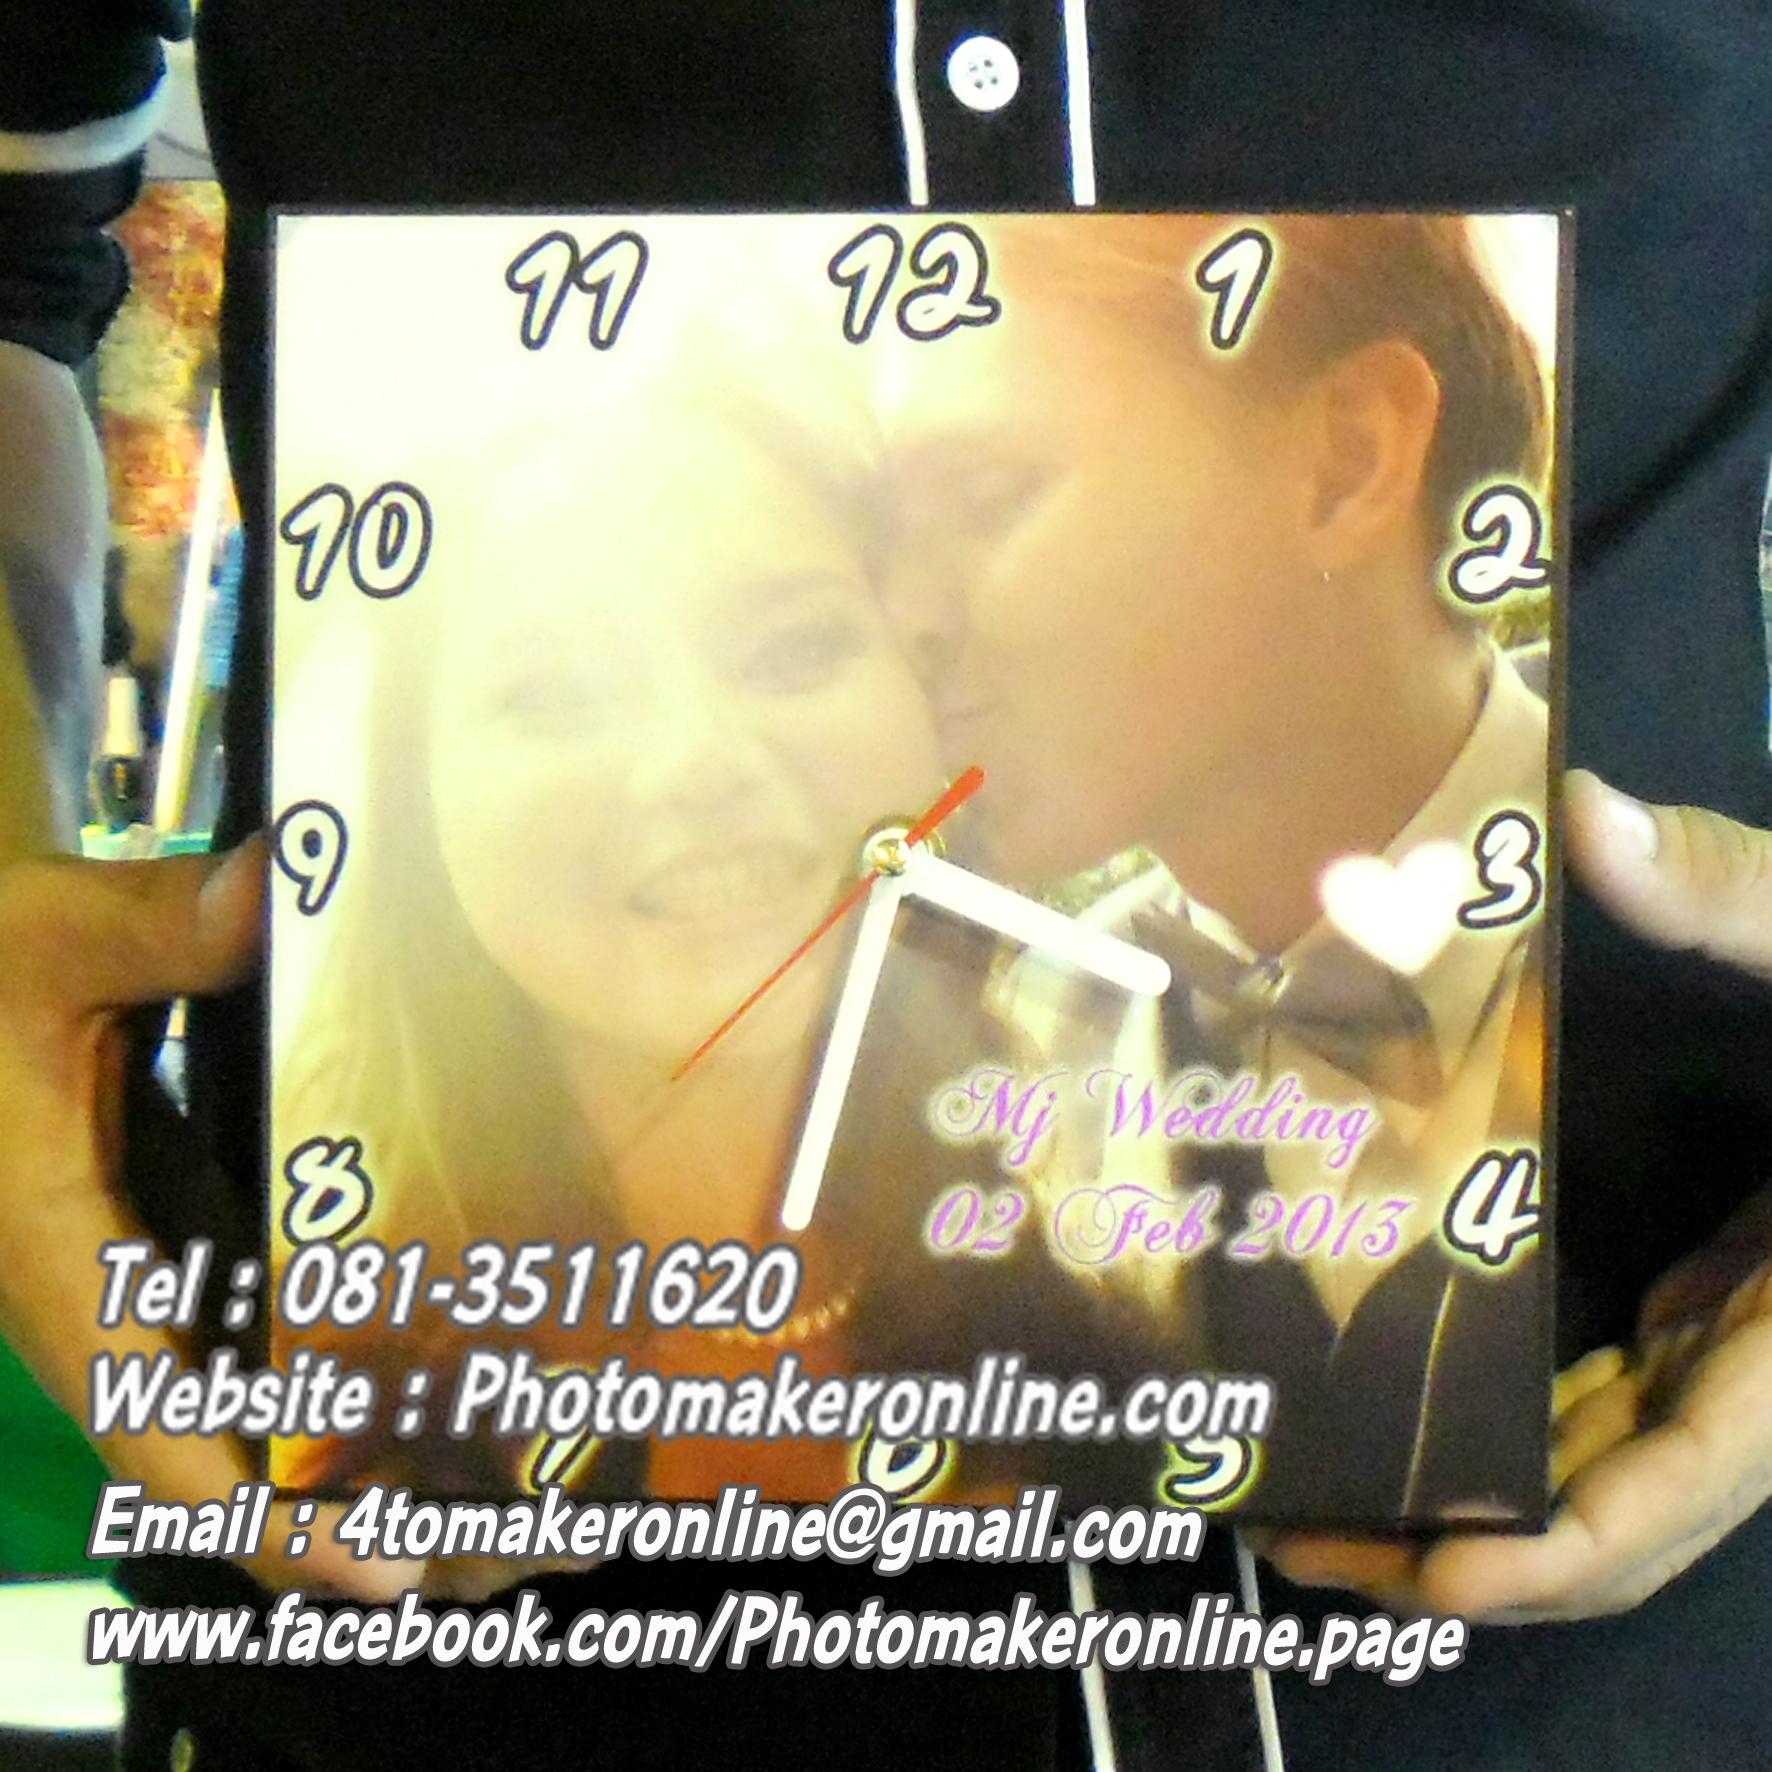 088-อัดขยายรูปและเข้ากรอบลอย 8x8 นิ้ว ใส่นาฬิกา